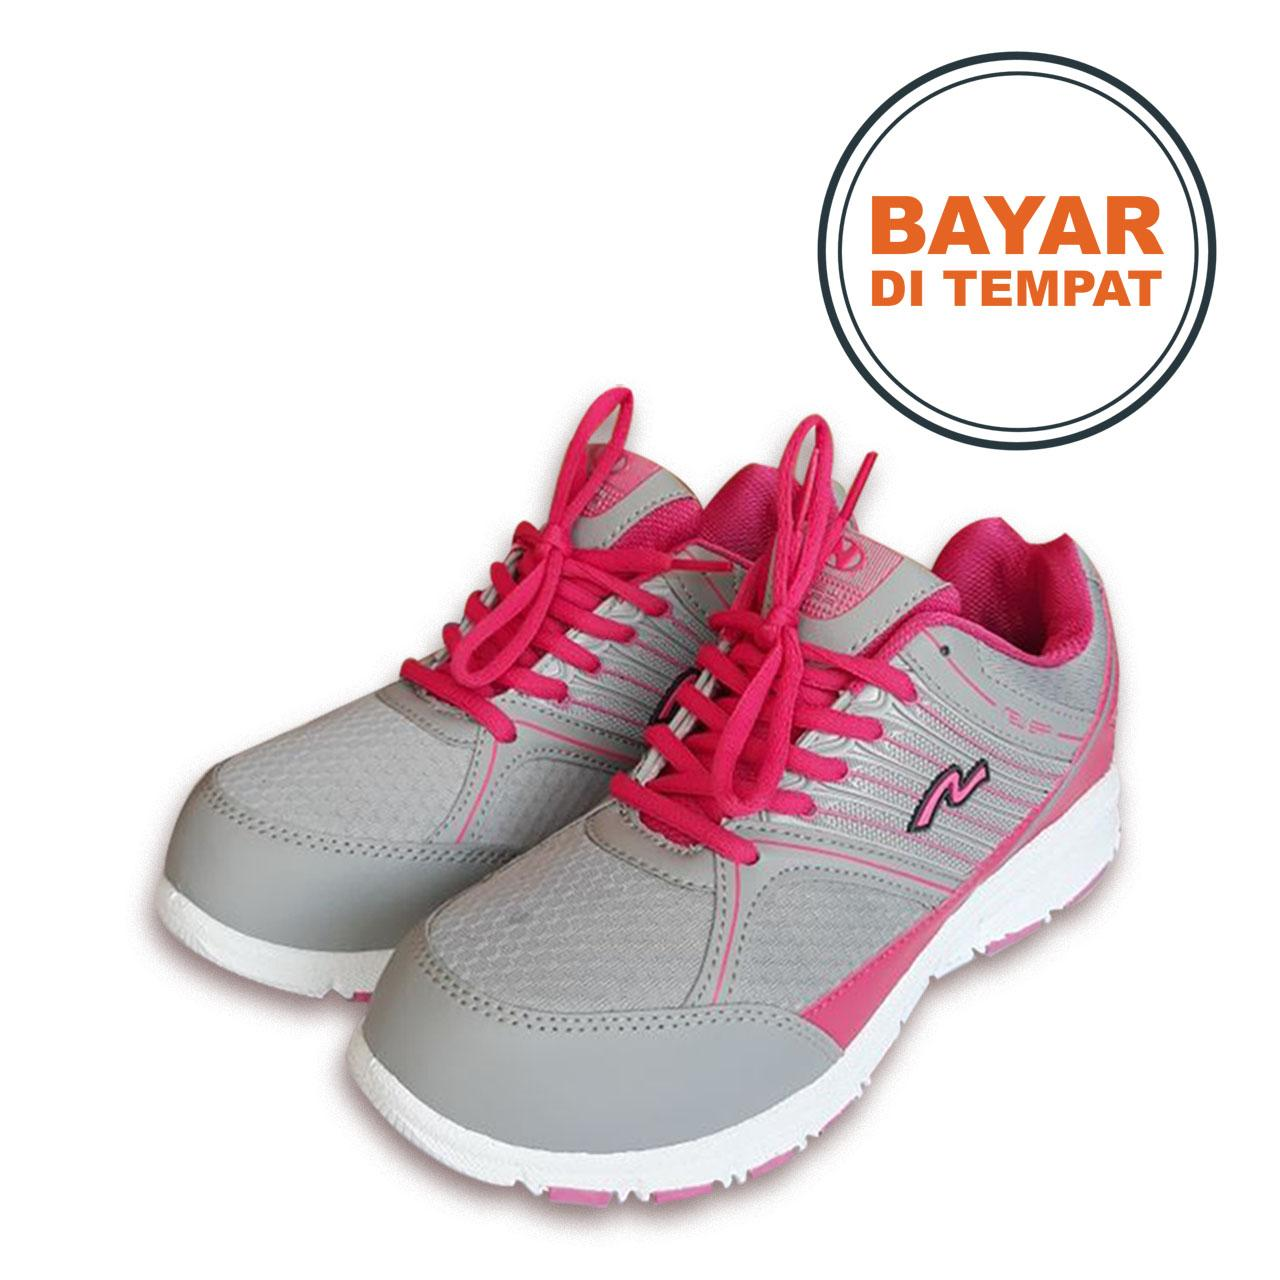 Amelia Olshop - NEW ERA Sepatu Sneakers Wanita Profound / Sepatu Jogging / Sepatu Cewek Modern / Fashion Wanita / Sepatu sneakers cewek